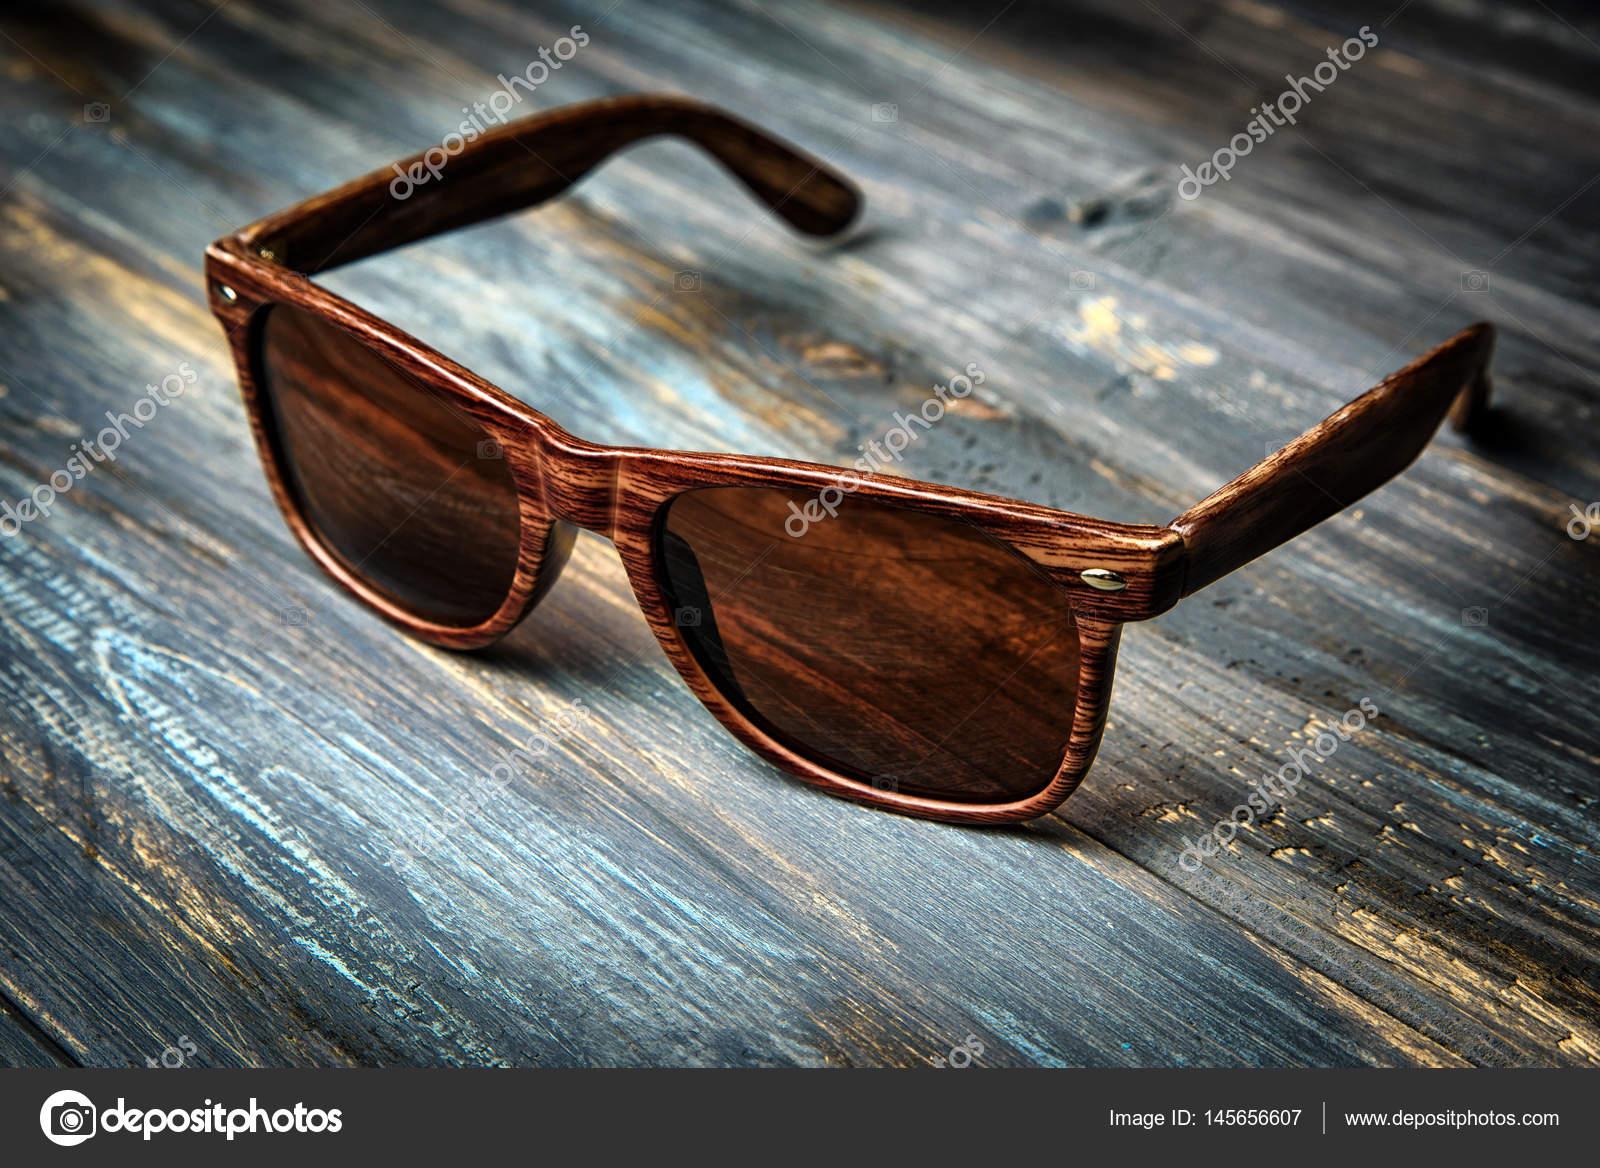 a43fa098b9 Gafas de sol de moda en la mesa de madera. Estilo vintage color — Foto